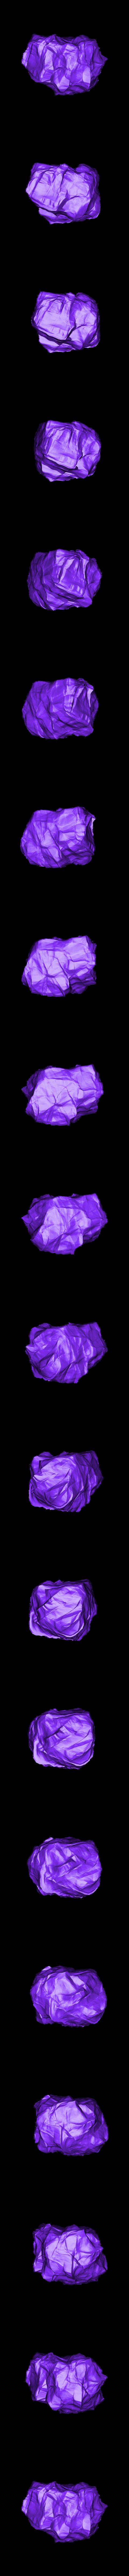 rock_SubTool11.stl Télécharger fichier STL gratuit Roches pour le wargame (collection de 18 roches haute résolution) • Design pour impression 3D, BREXIT